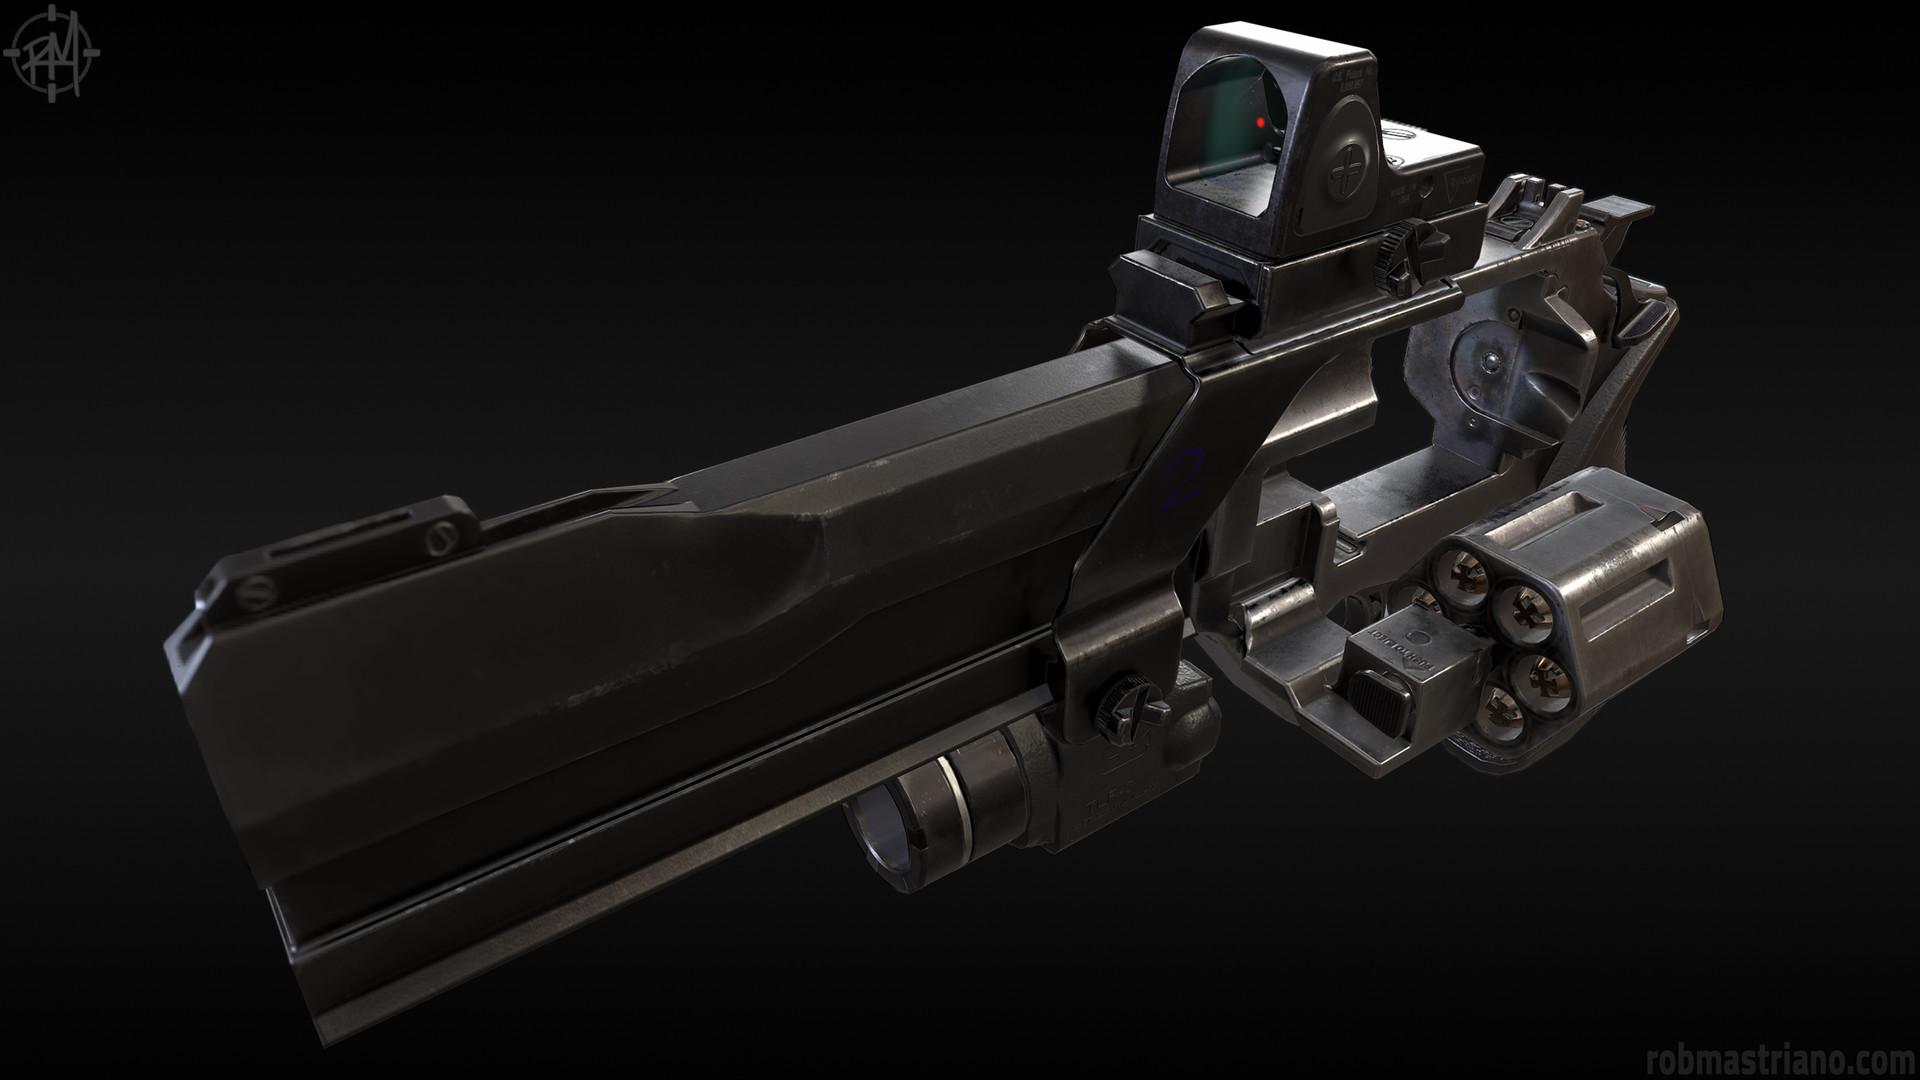 Rob mastriano revolver3